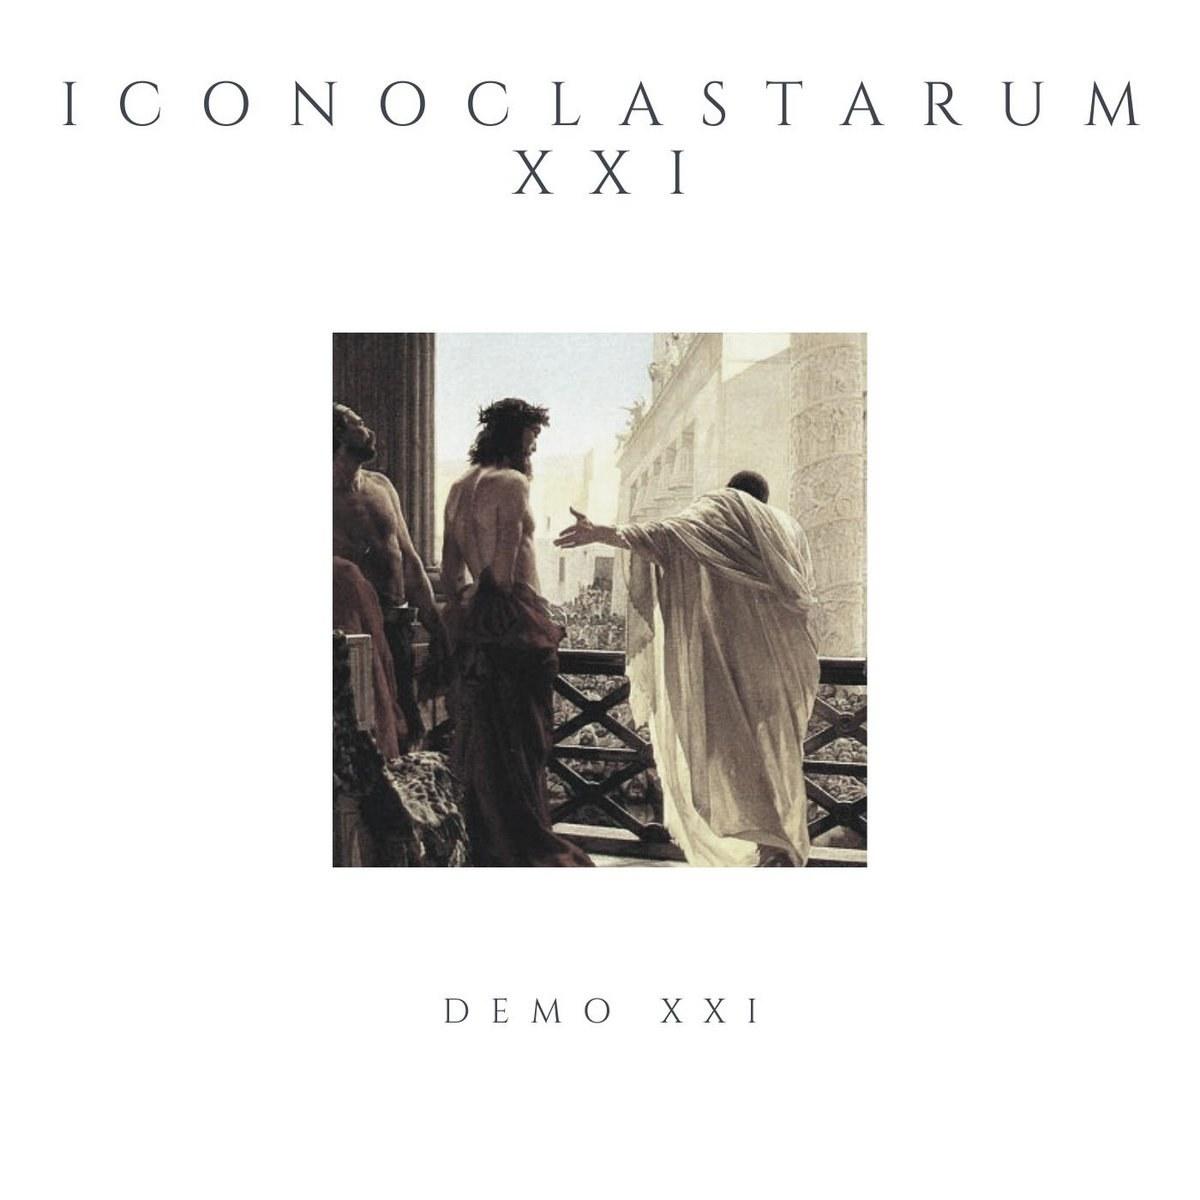 Iconoclastarum XXI - Demo XXI